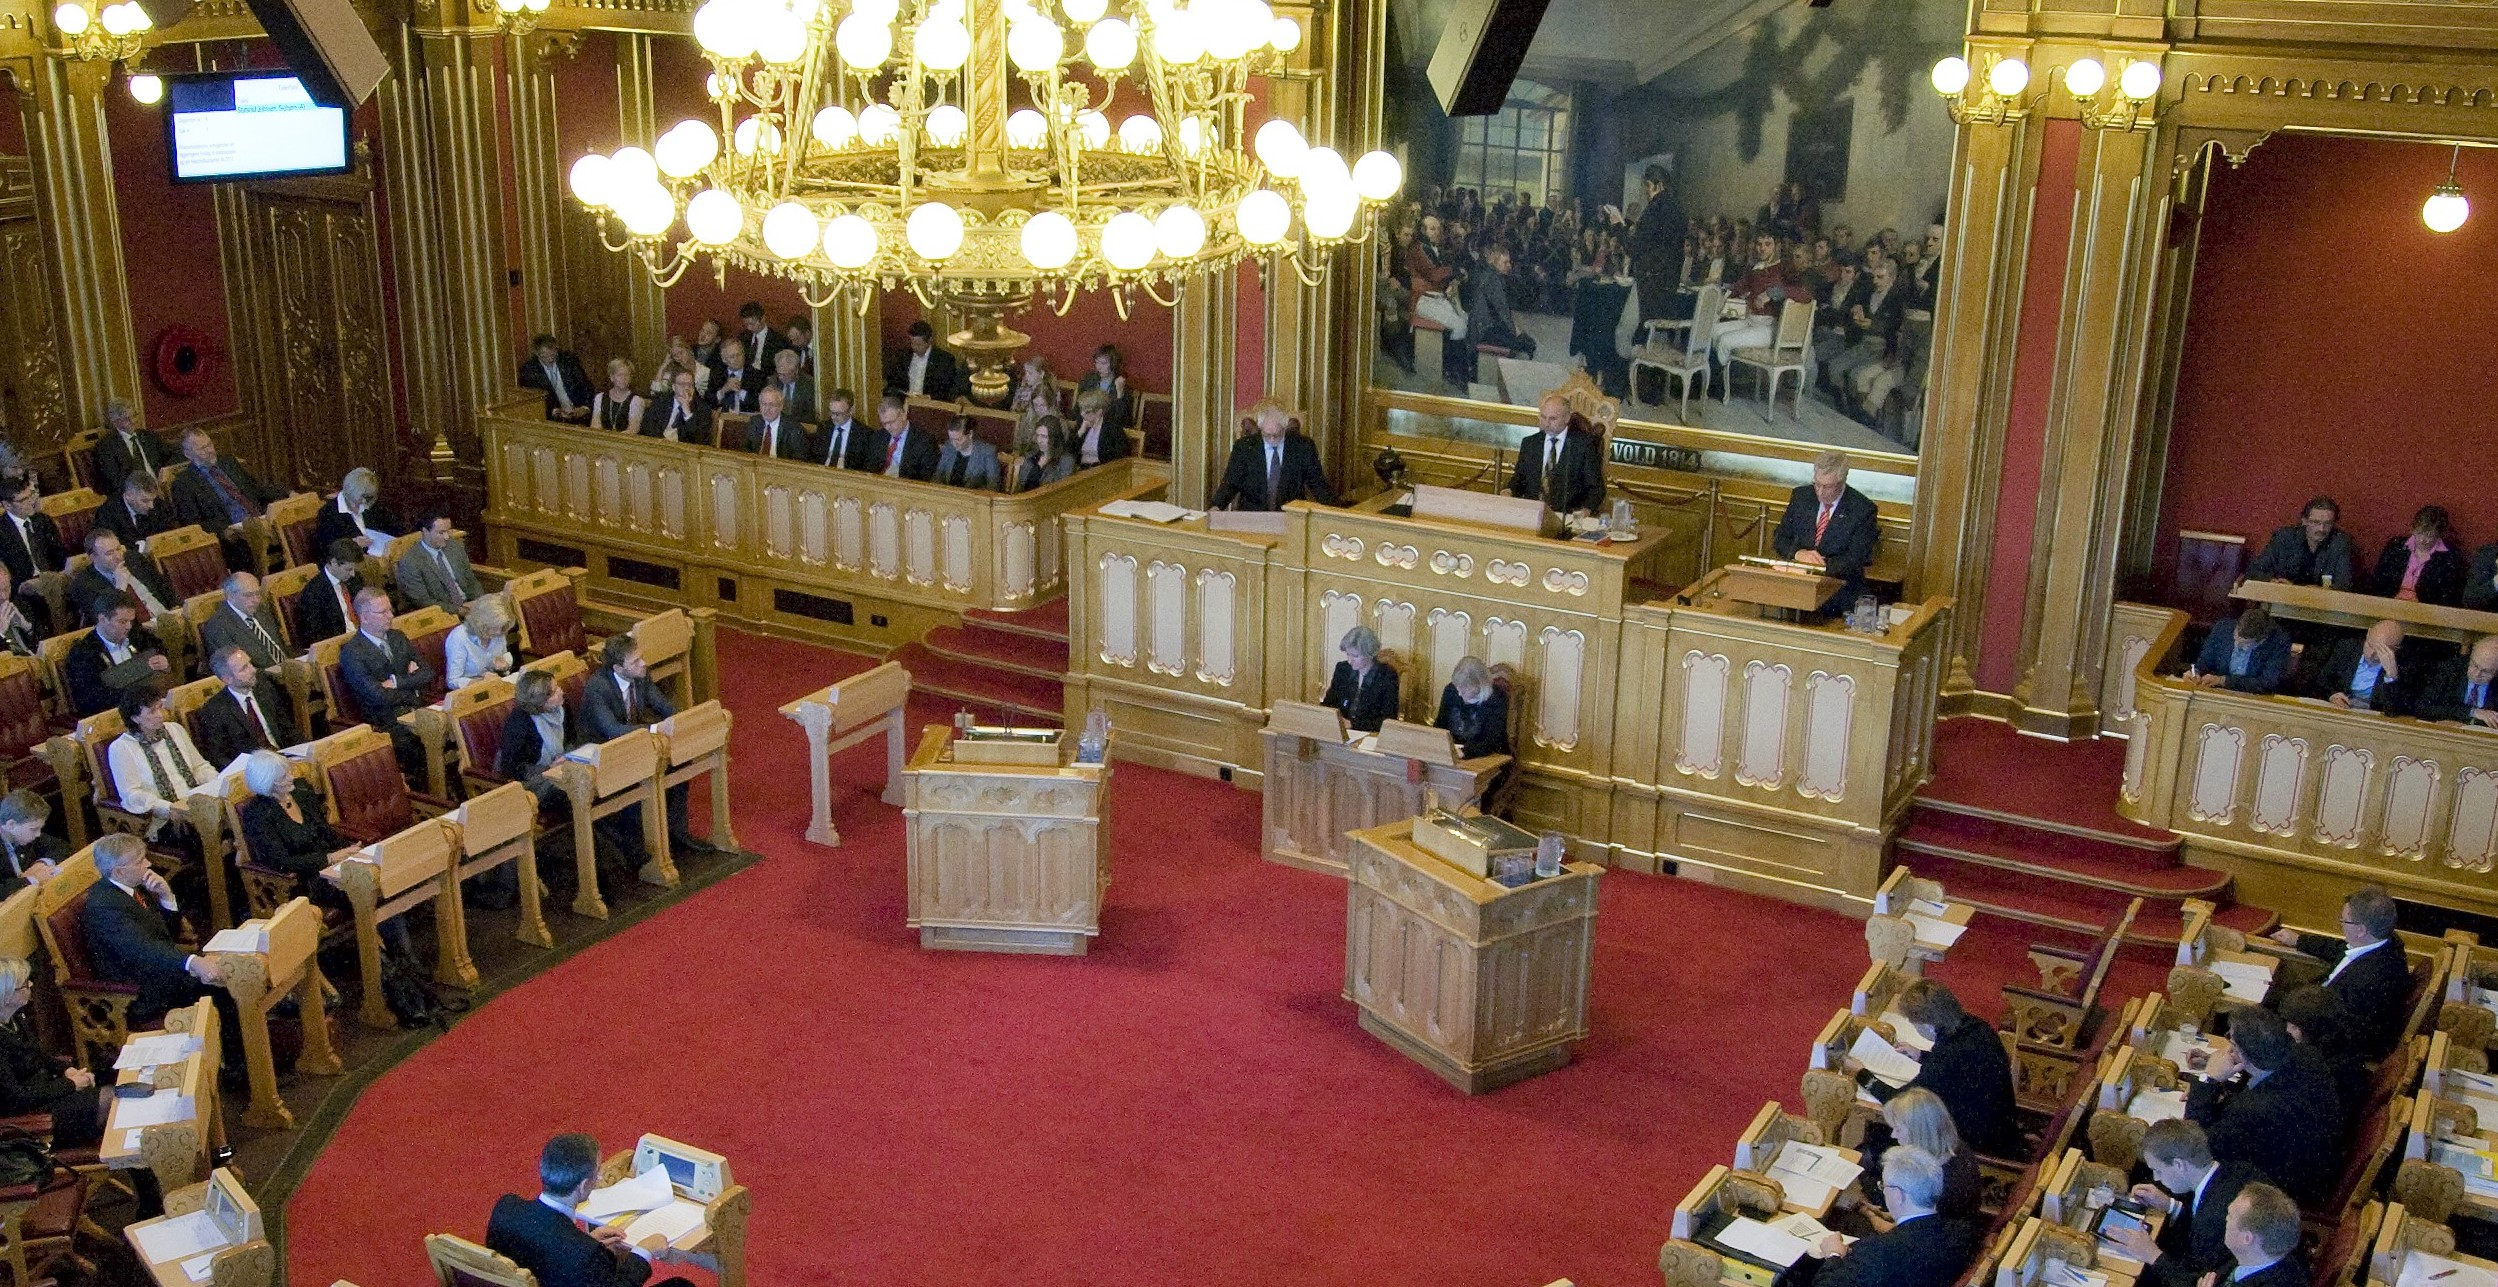 Anbud365: Anskaffelsesloven Stortinget vil heve den nasjonale terskelverdien